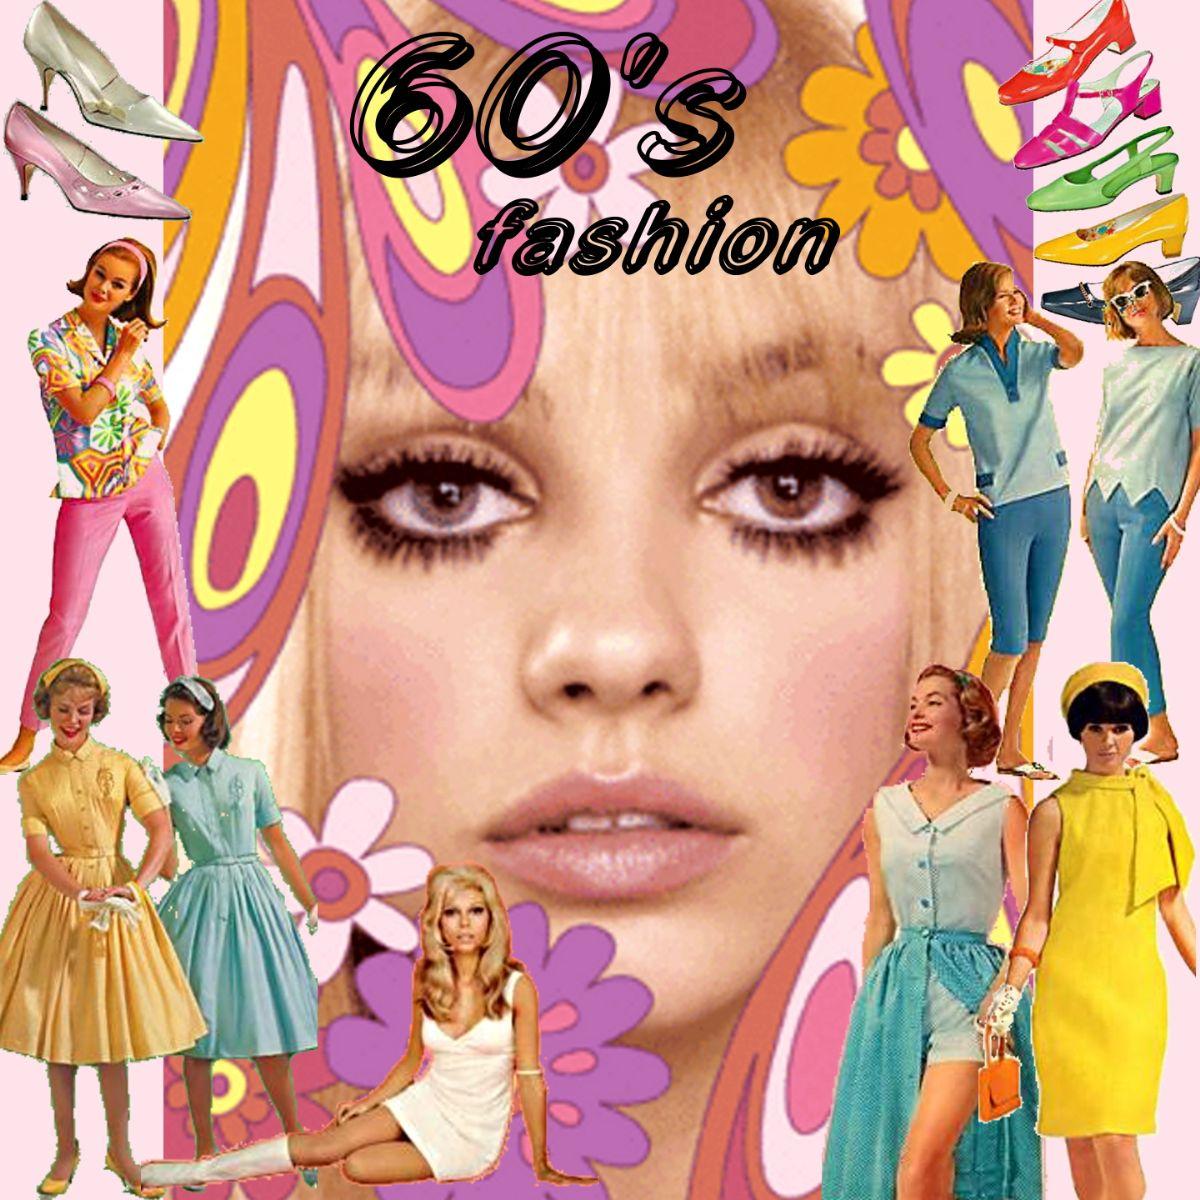 60s Magazine